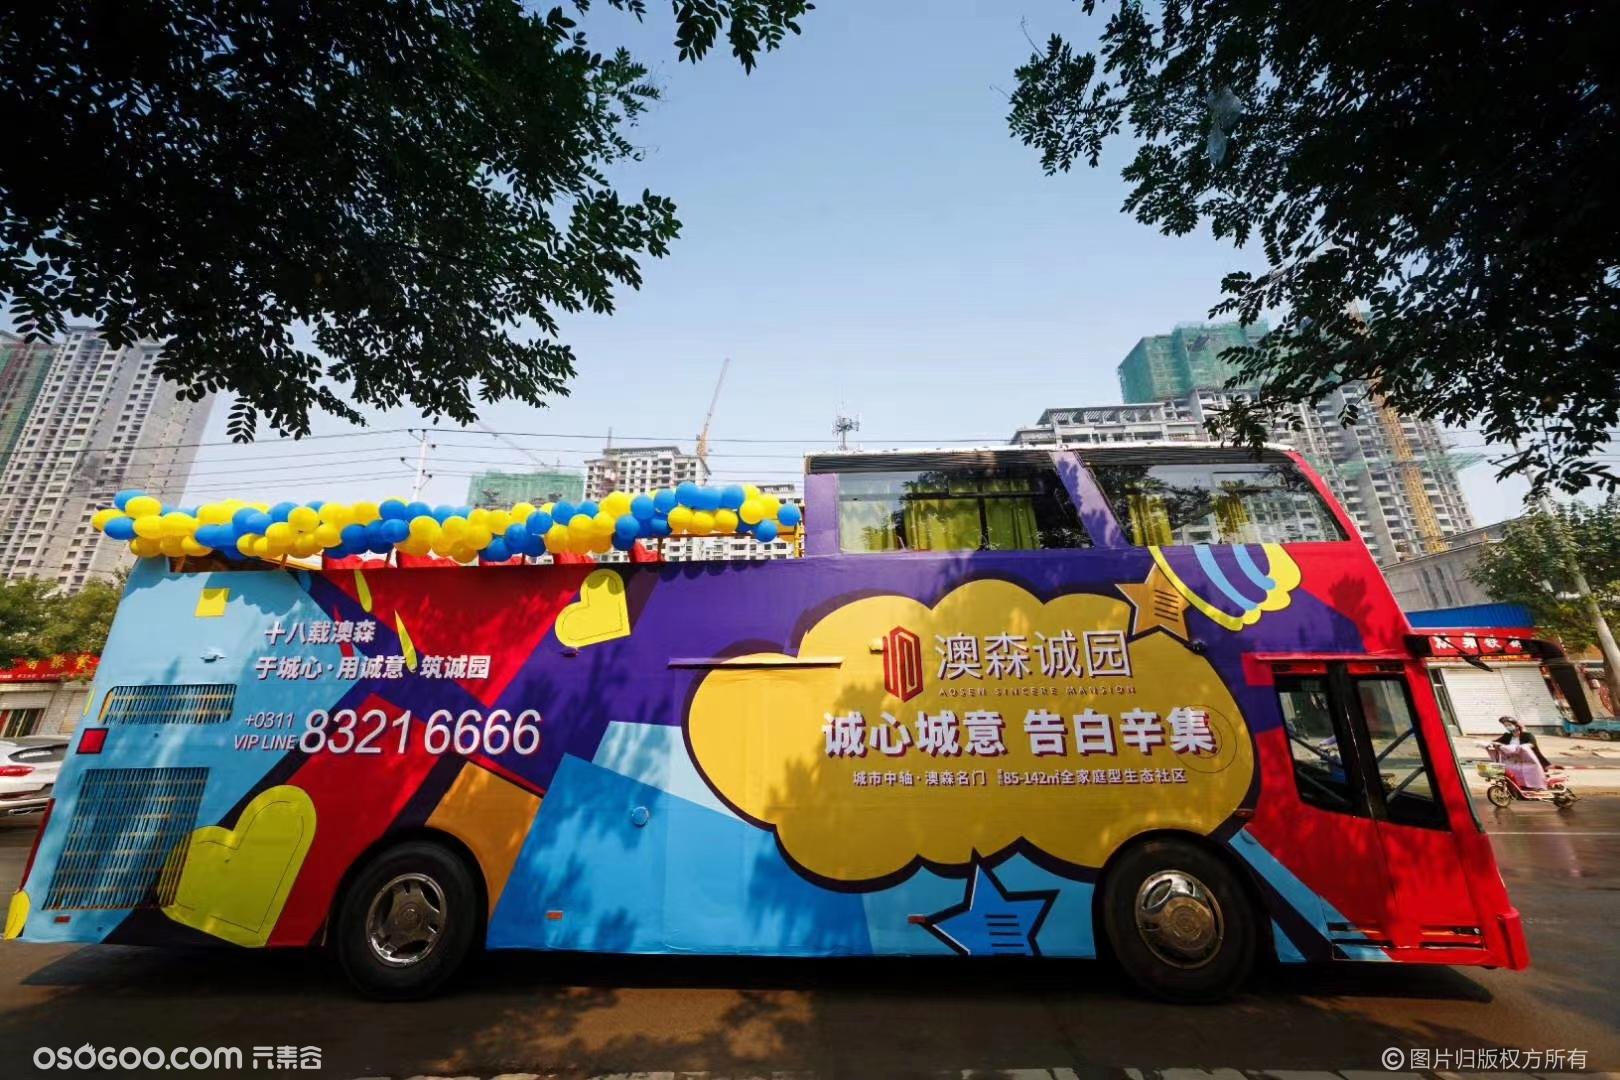 双层巴士巡游  双层巴士城市游览 双层巴士租赁 全国地区